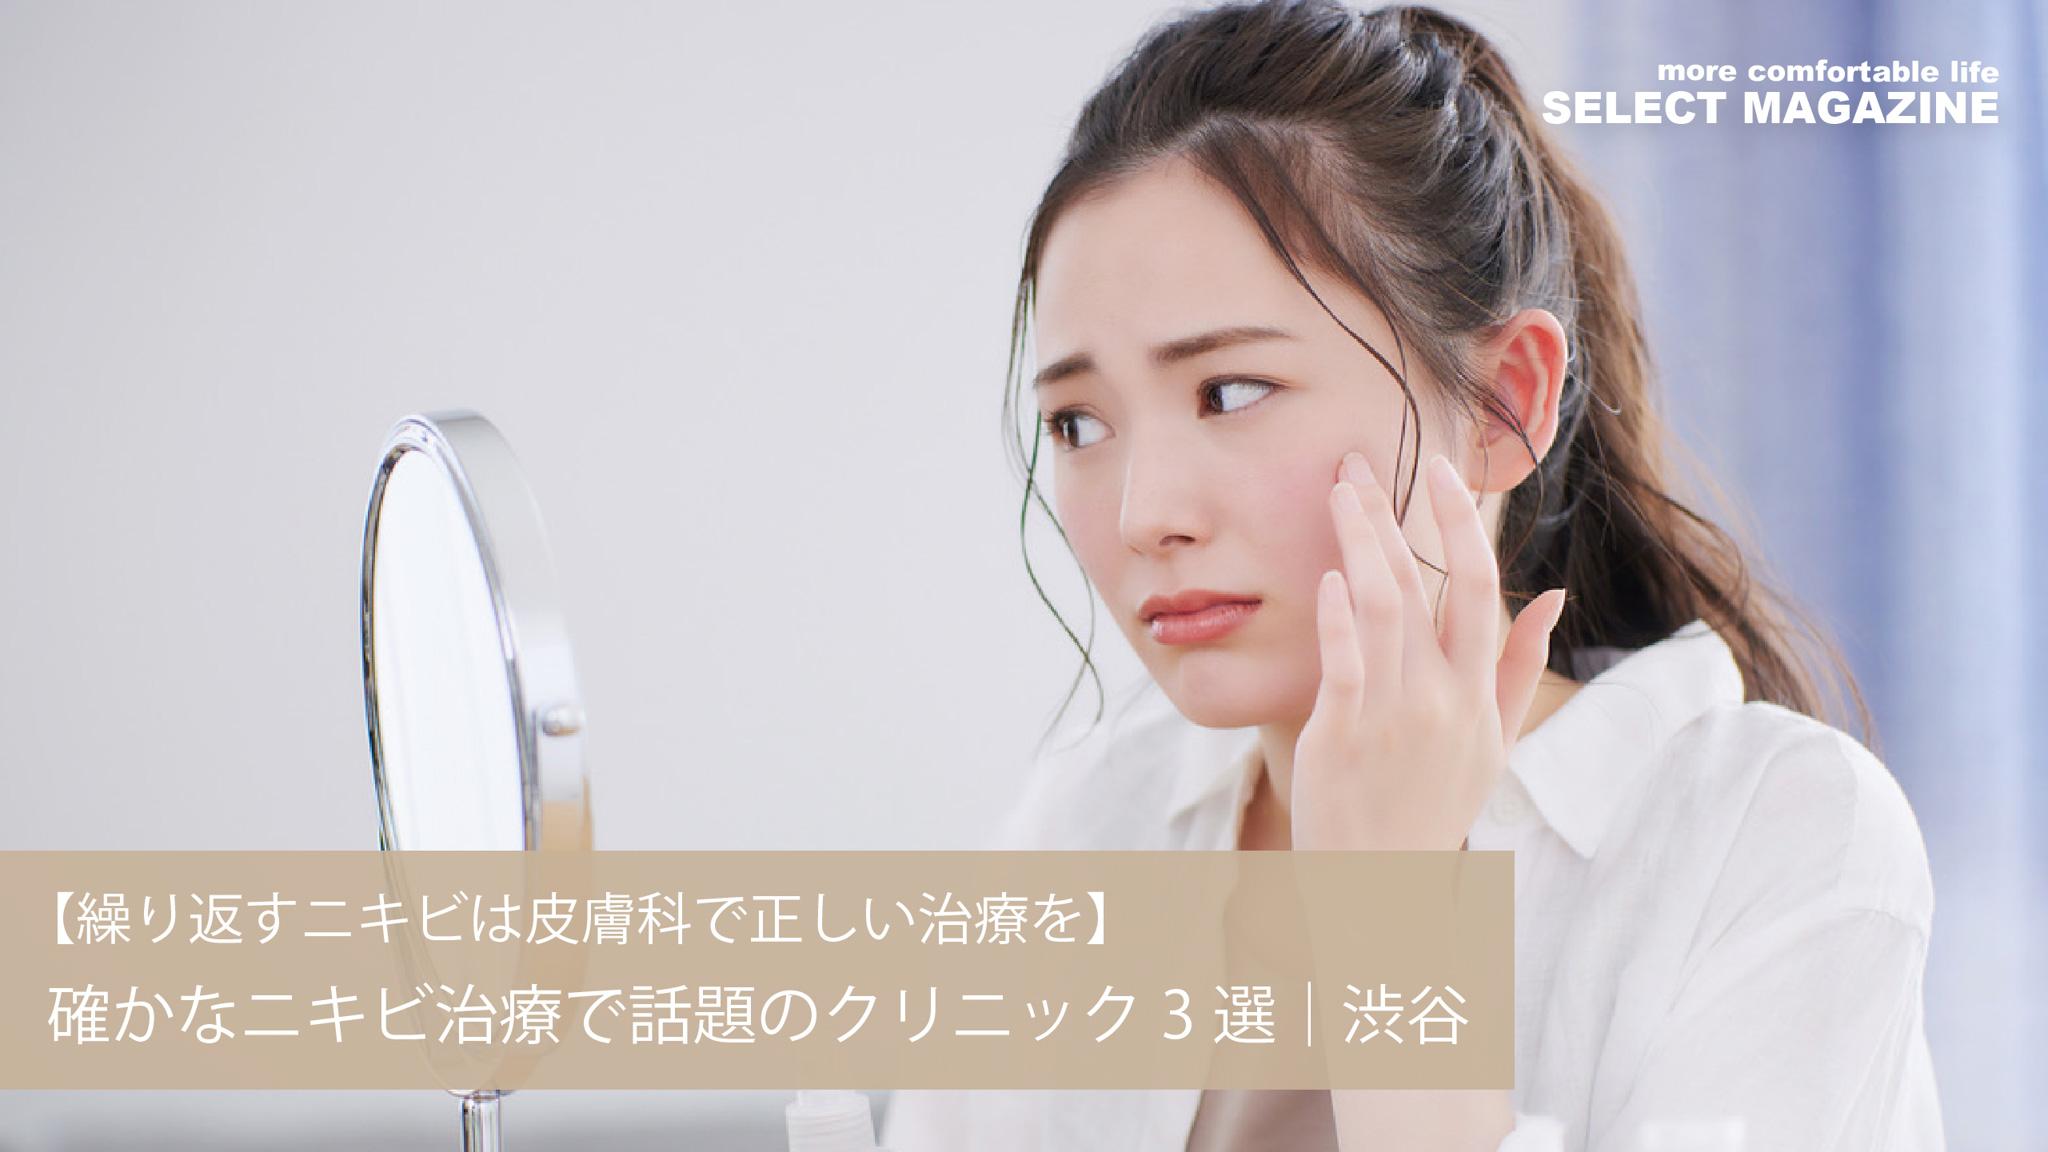 【繰り返すニキビは皮膚科で正しい治療を】確かなニキビ治療で話題のクリニック3選|渋谷